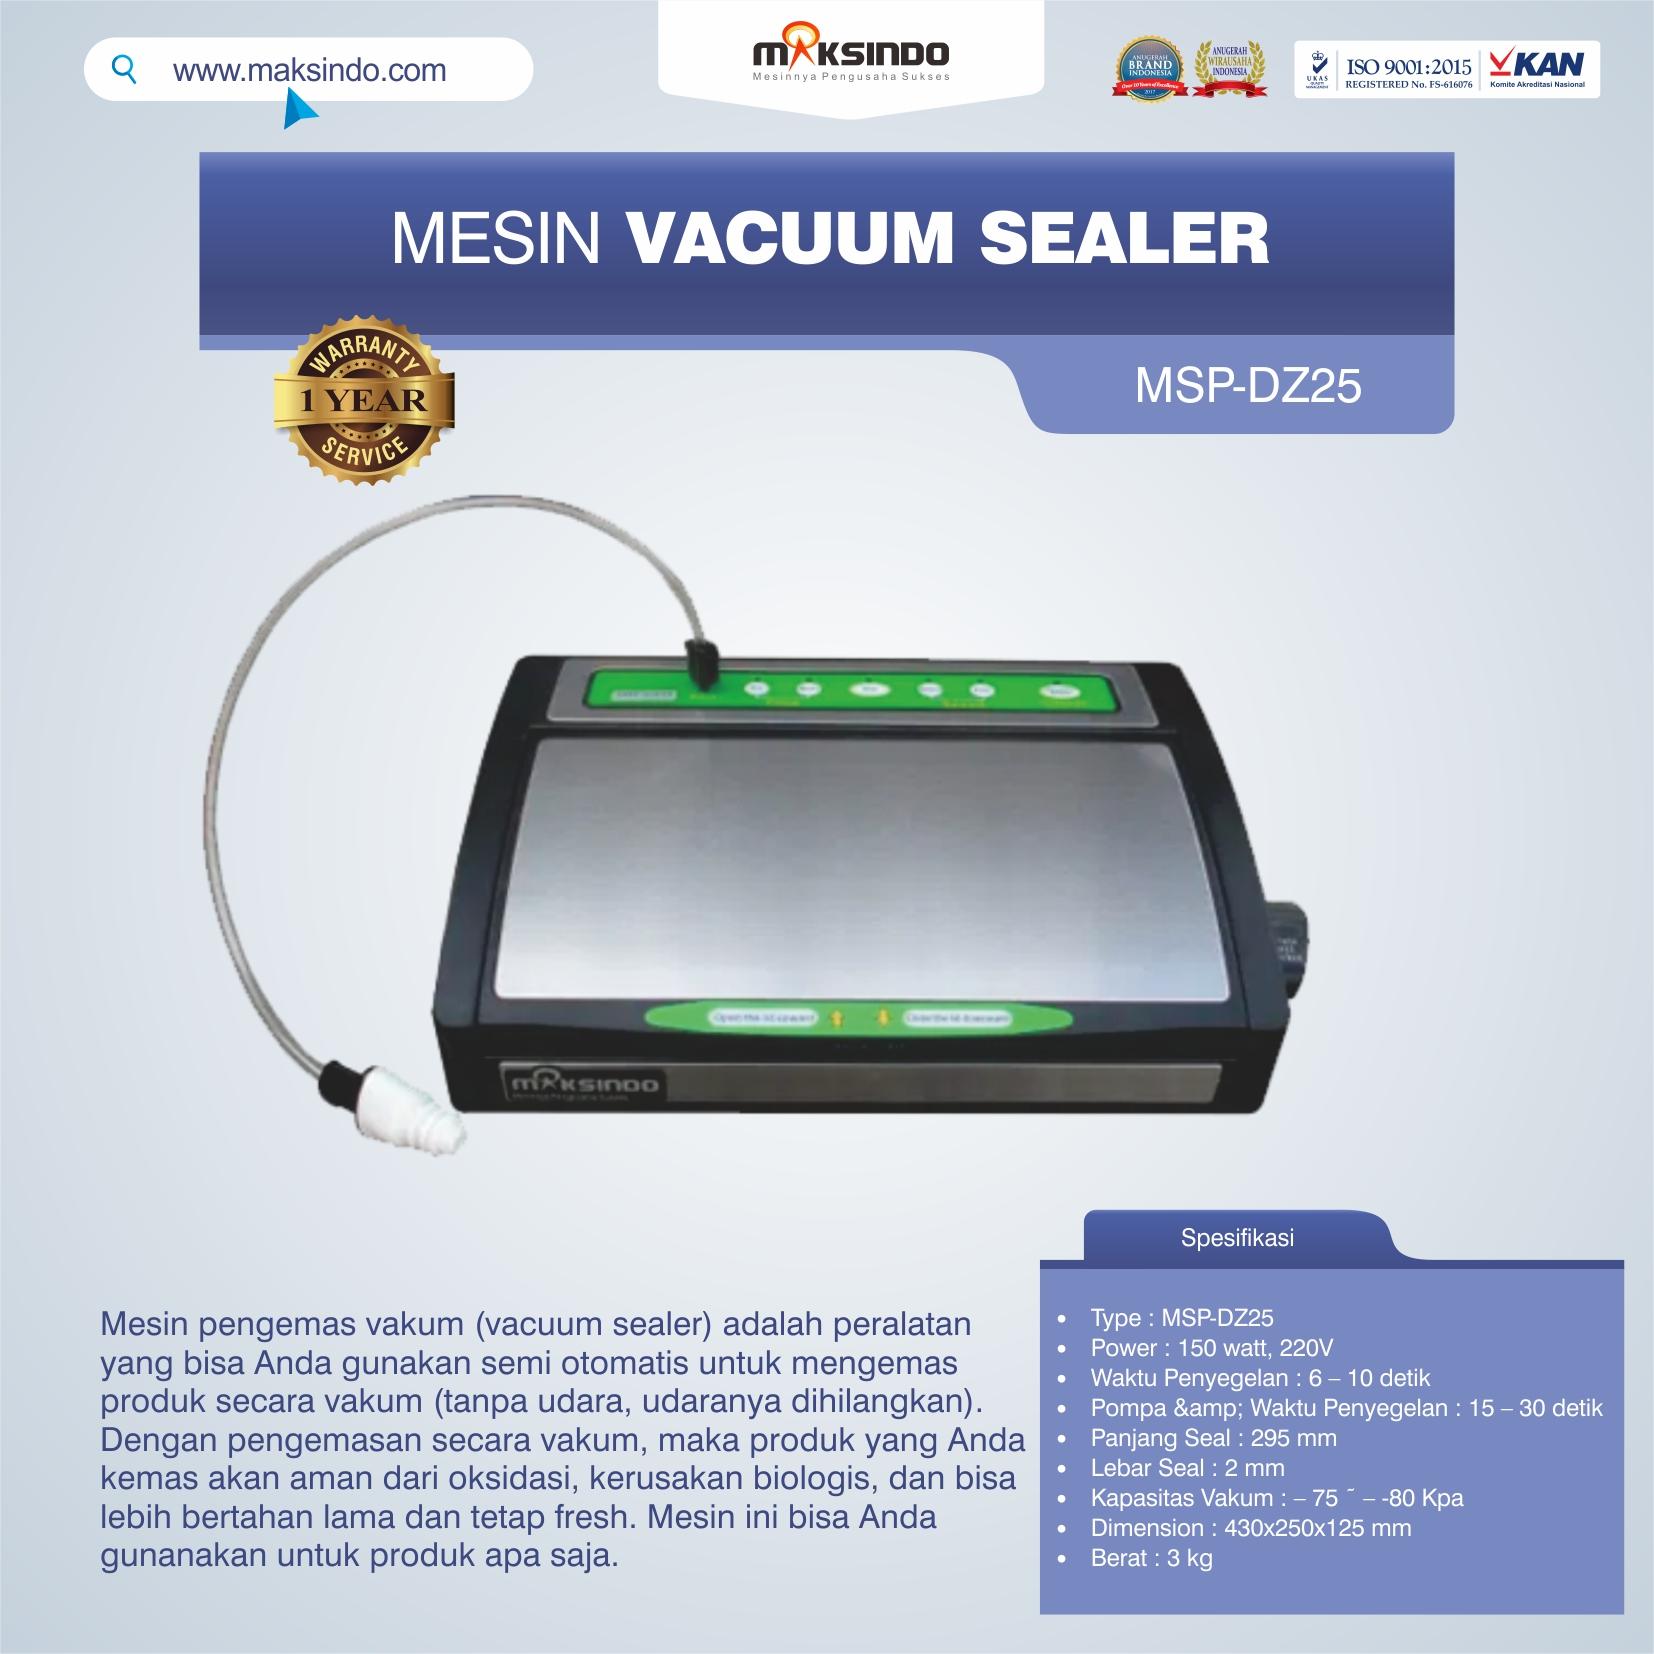 Jual Vacuum Sealer MSP-DZ25 di Tangerang